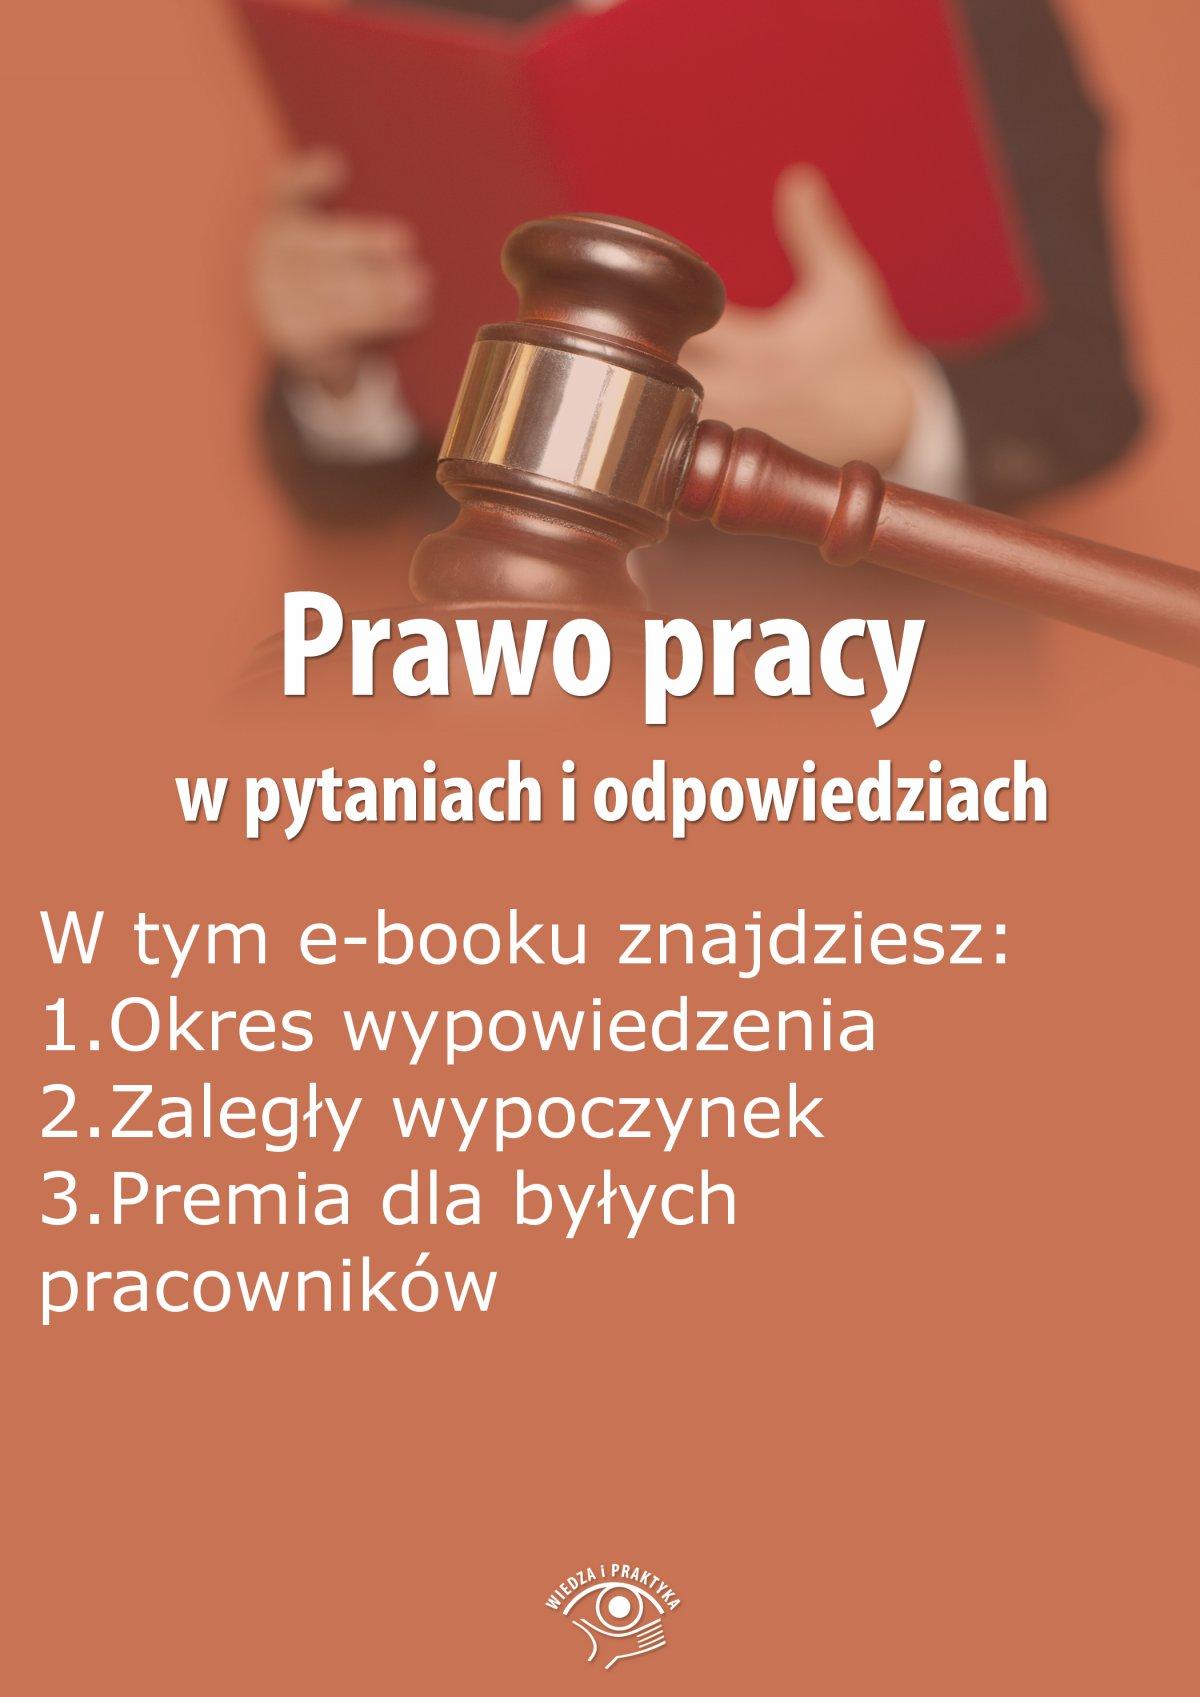 Prawo pracy w pytaniach i odpowiedziach, wydanie wrzesień 2015 r. - Ebook (Książka PDF) do pobrania w formacie PDF